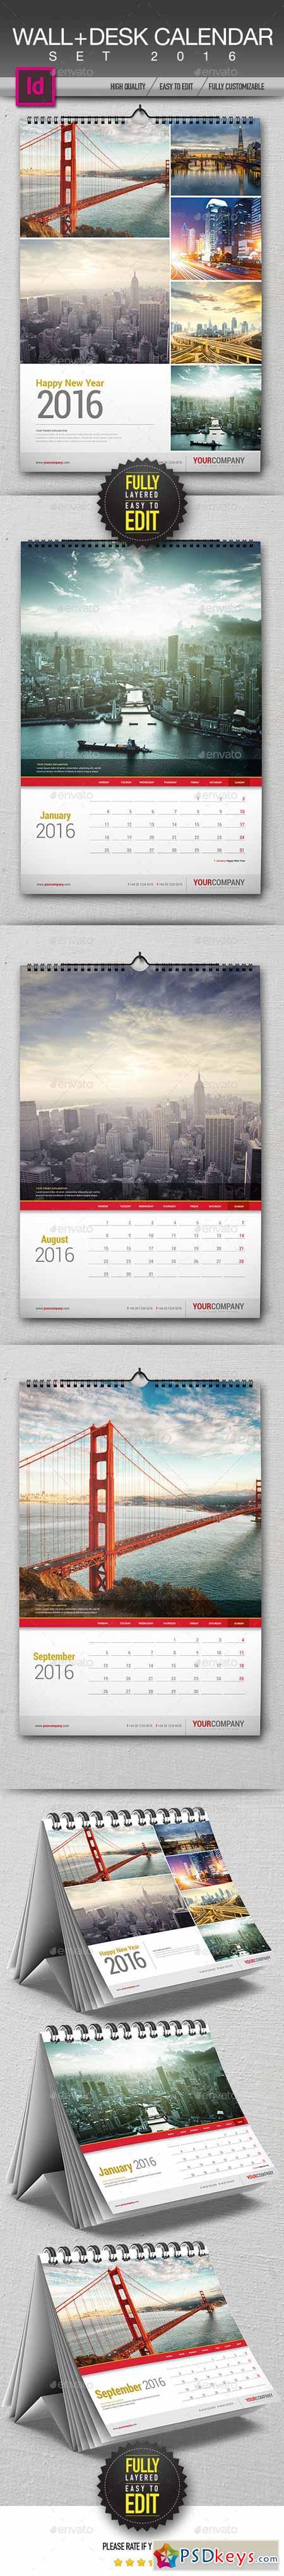 Wall + Desk Calendar 2016 13236673